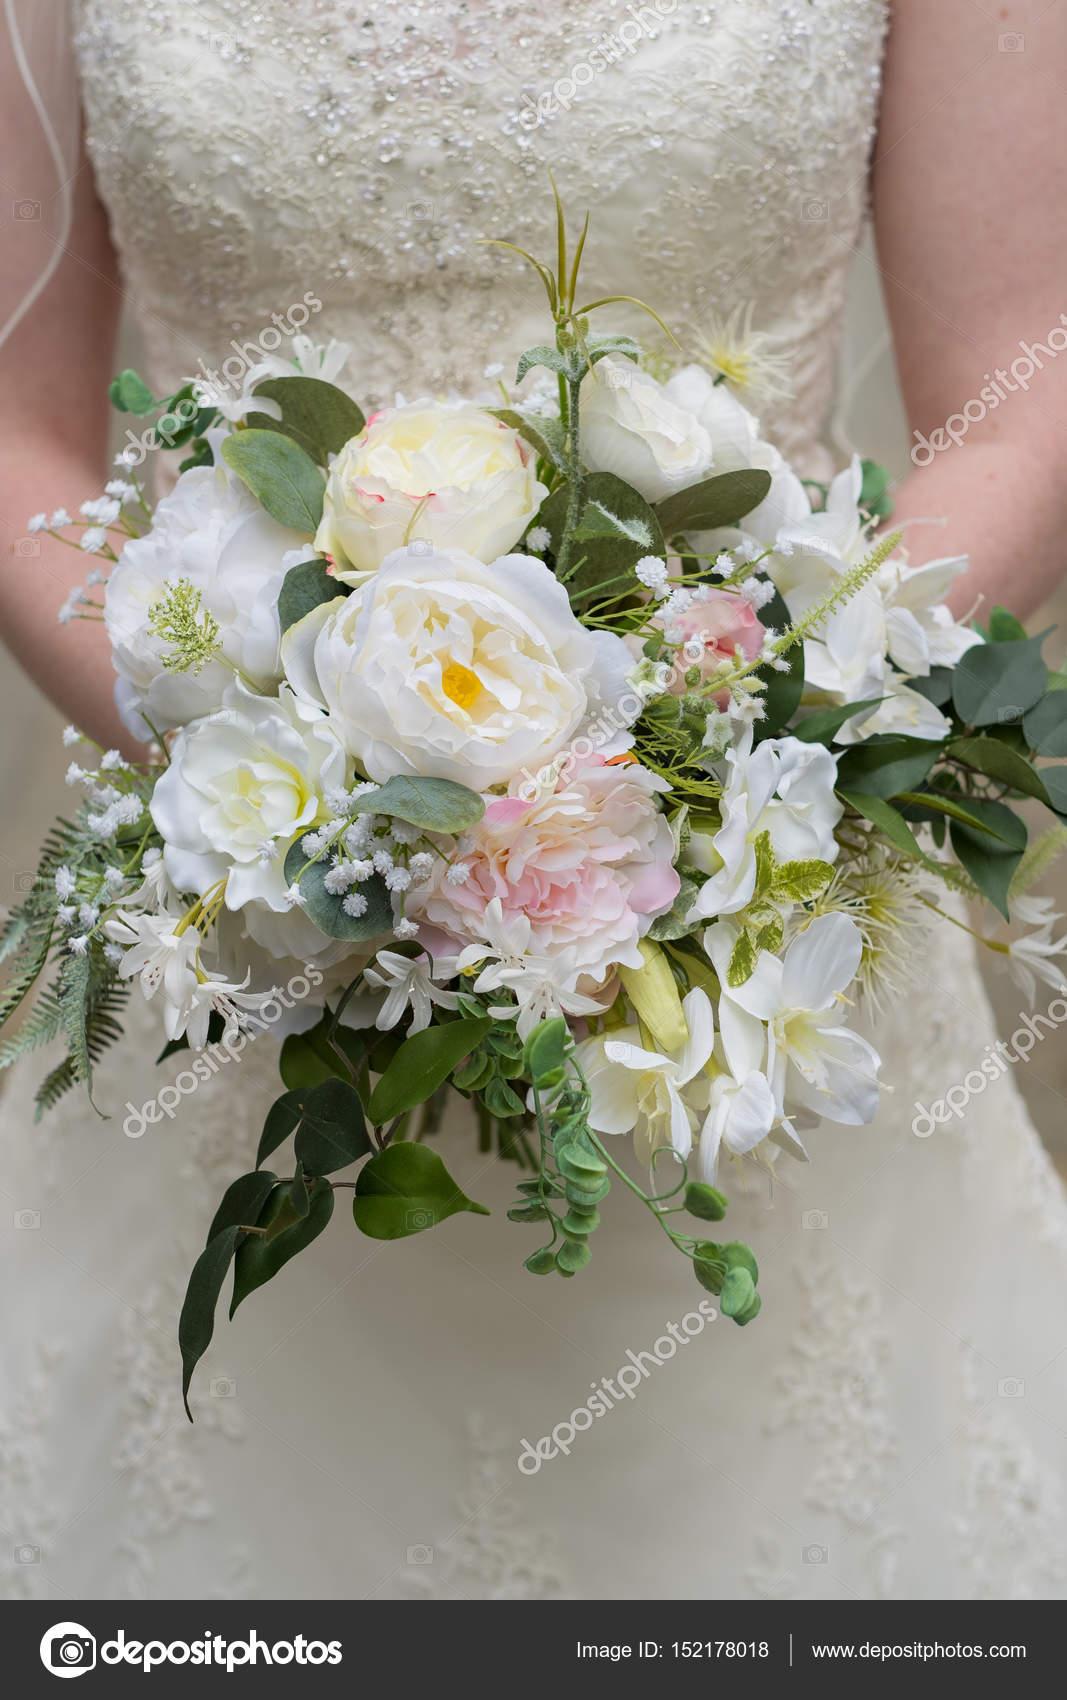 Fake Flower Wedding Bouquet Stock Photo Joshuarainey 152178018